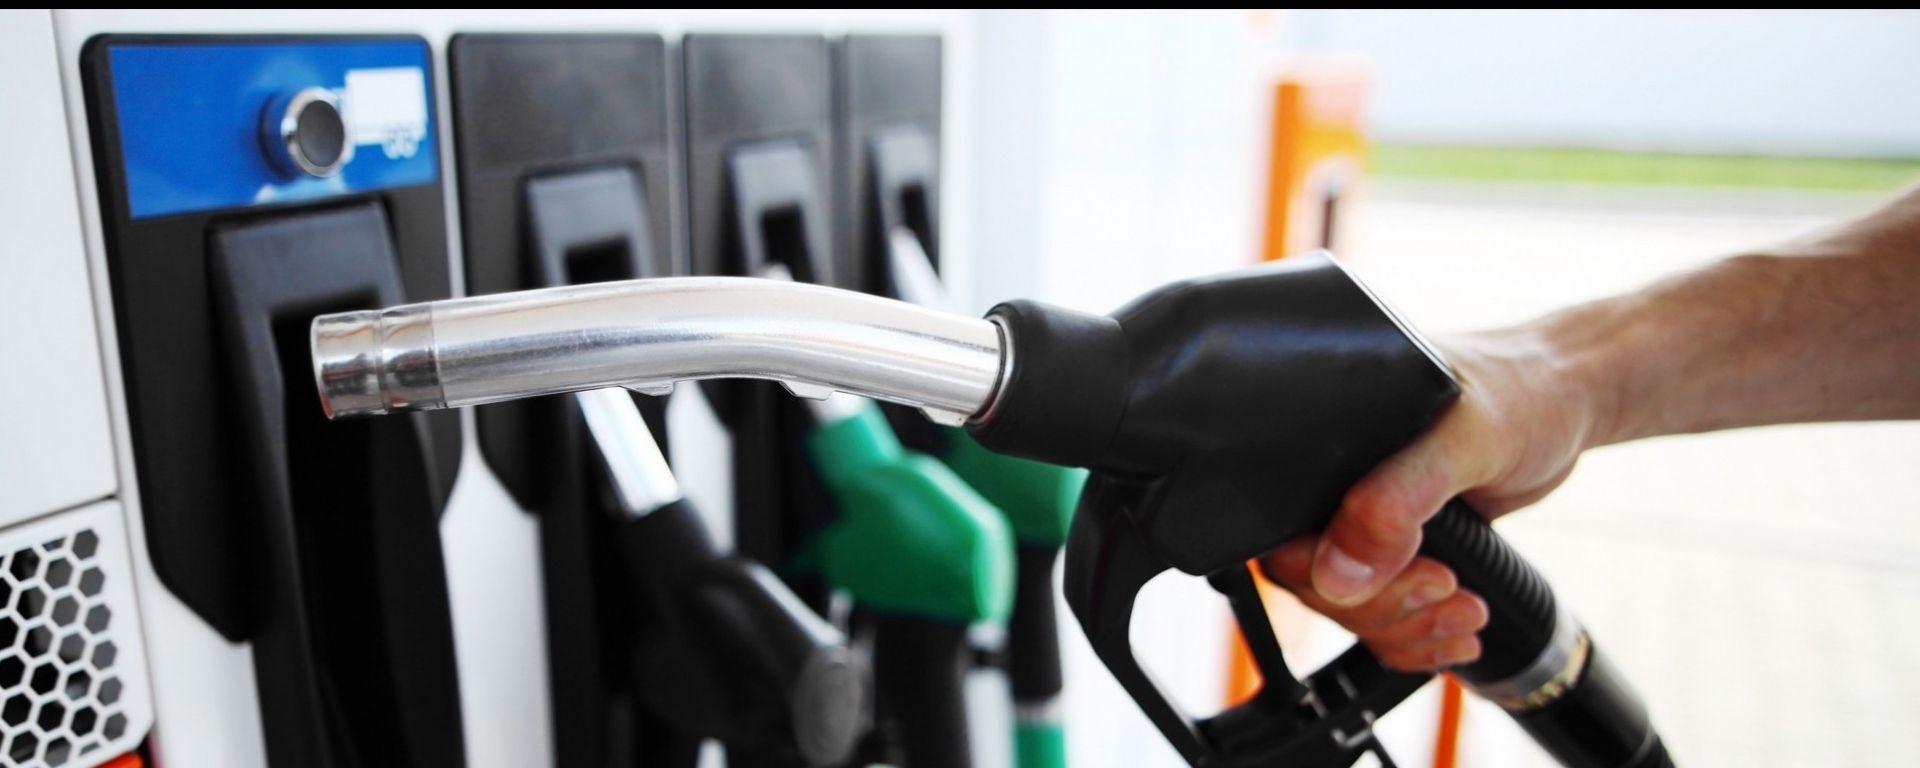 Fattura elettronica carburanti, arriva la sospirata proroga